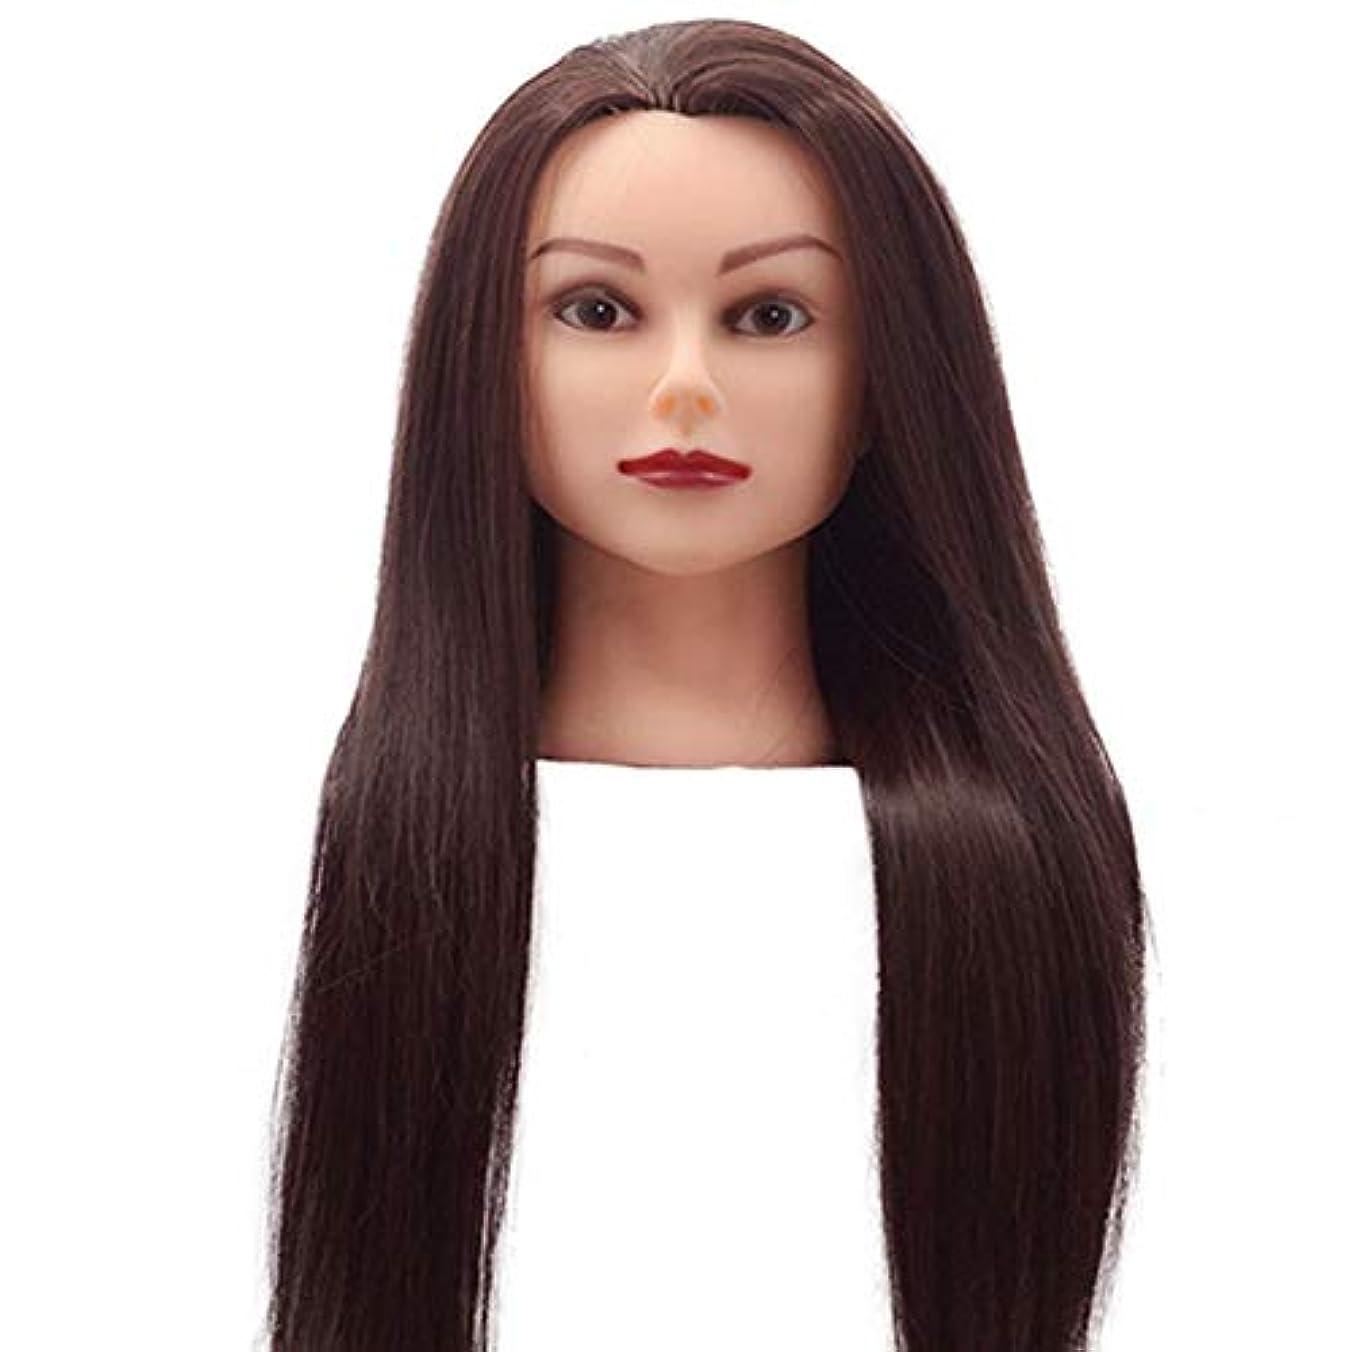 フィットネススラム街感じ理髪モデルヘッド花嫁の髪編組三つ編み学習ヘッドモデル理髪店美容散髪ダミーエクササイズヘッド